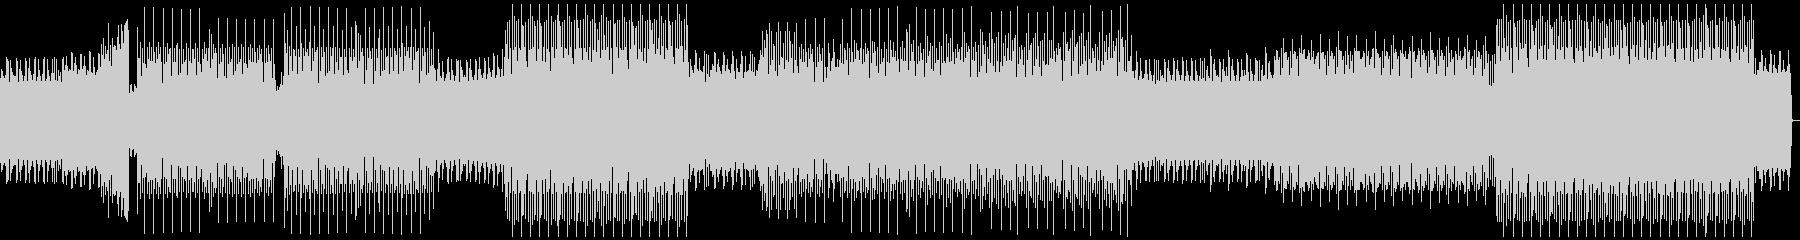 ループミュージック!リズミカルなハウスの未再生の波形